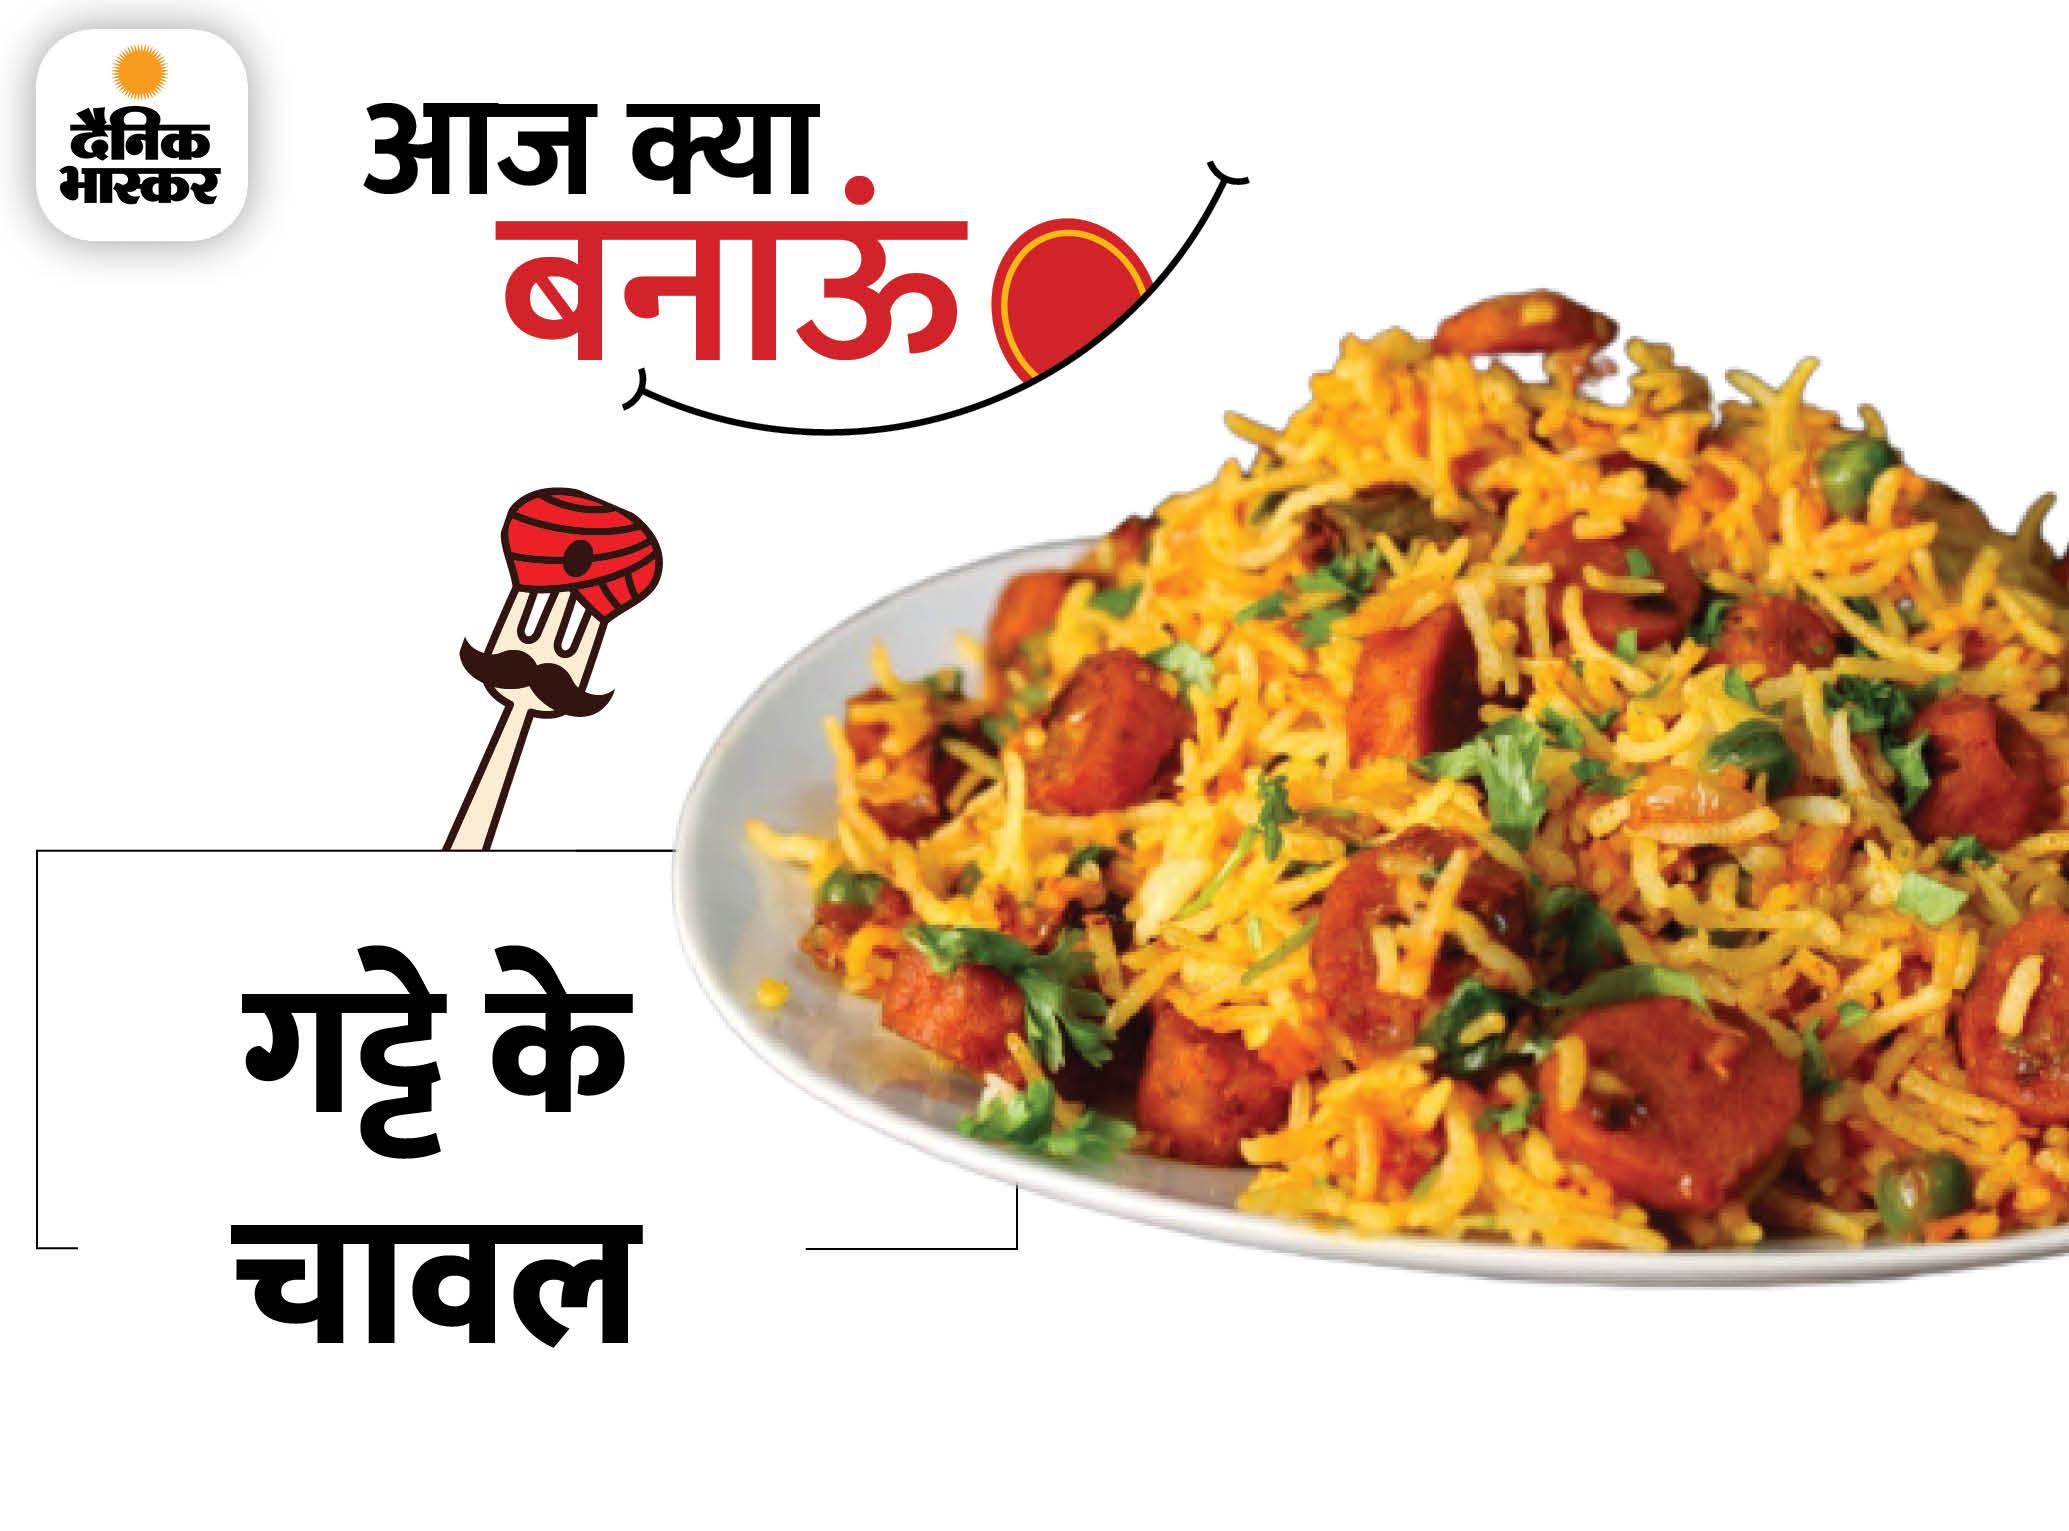 गट्टे के चावल बनाने का आसान तरीका, सिर्फ 15 मिनट में हो जाएंगे तैयार|लाइफस्टाइल,Lifestyle - Dainik Bhaskar